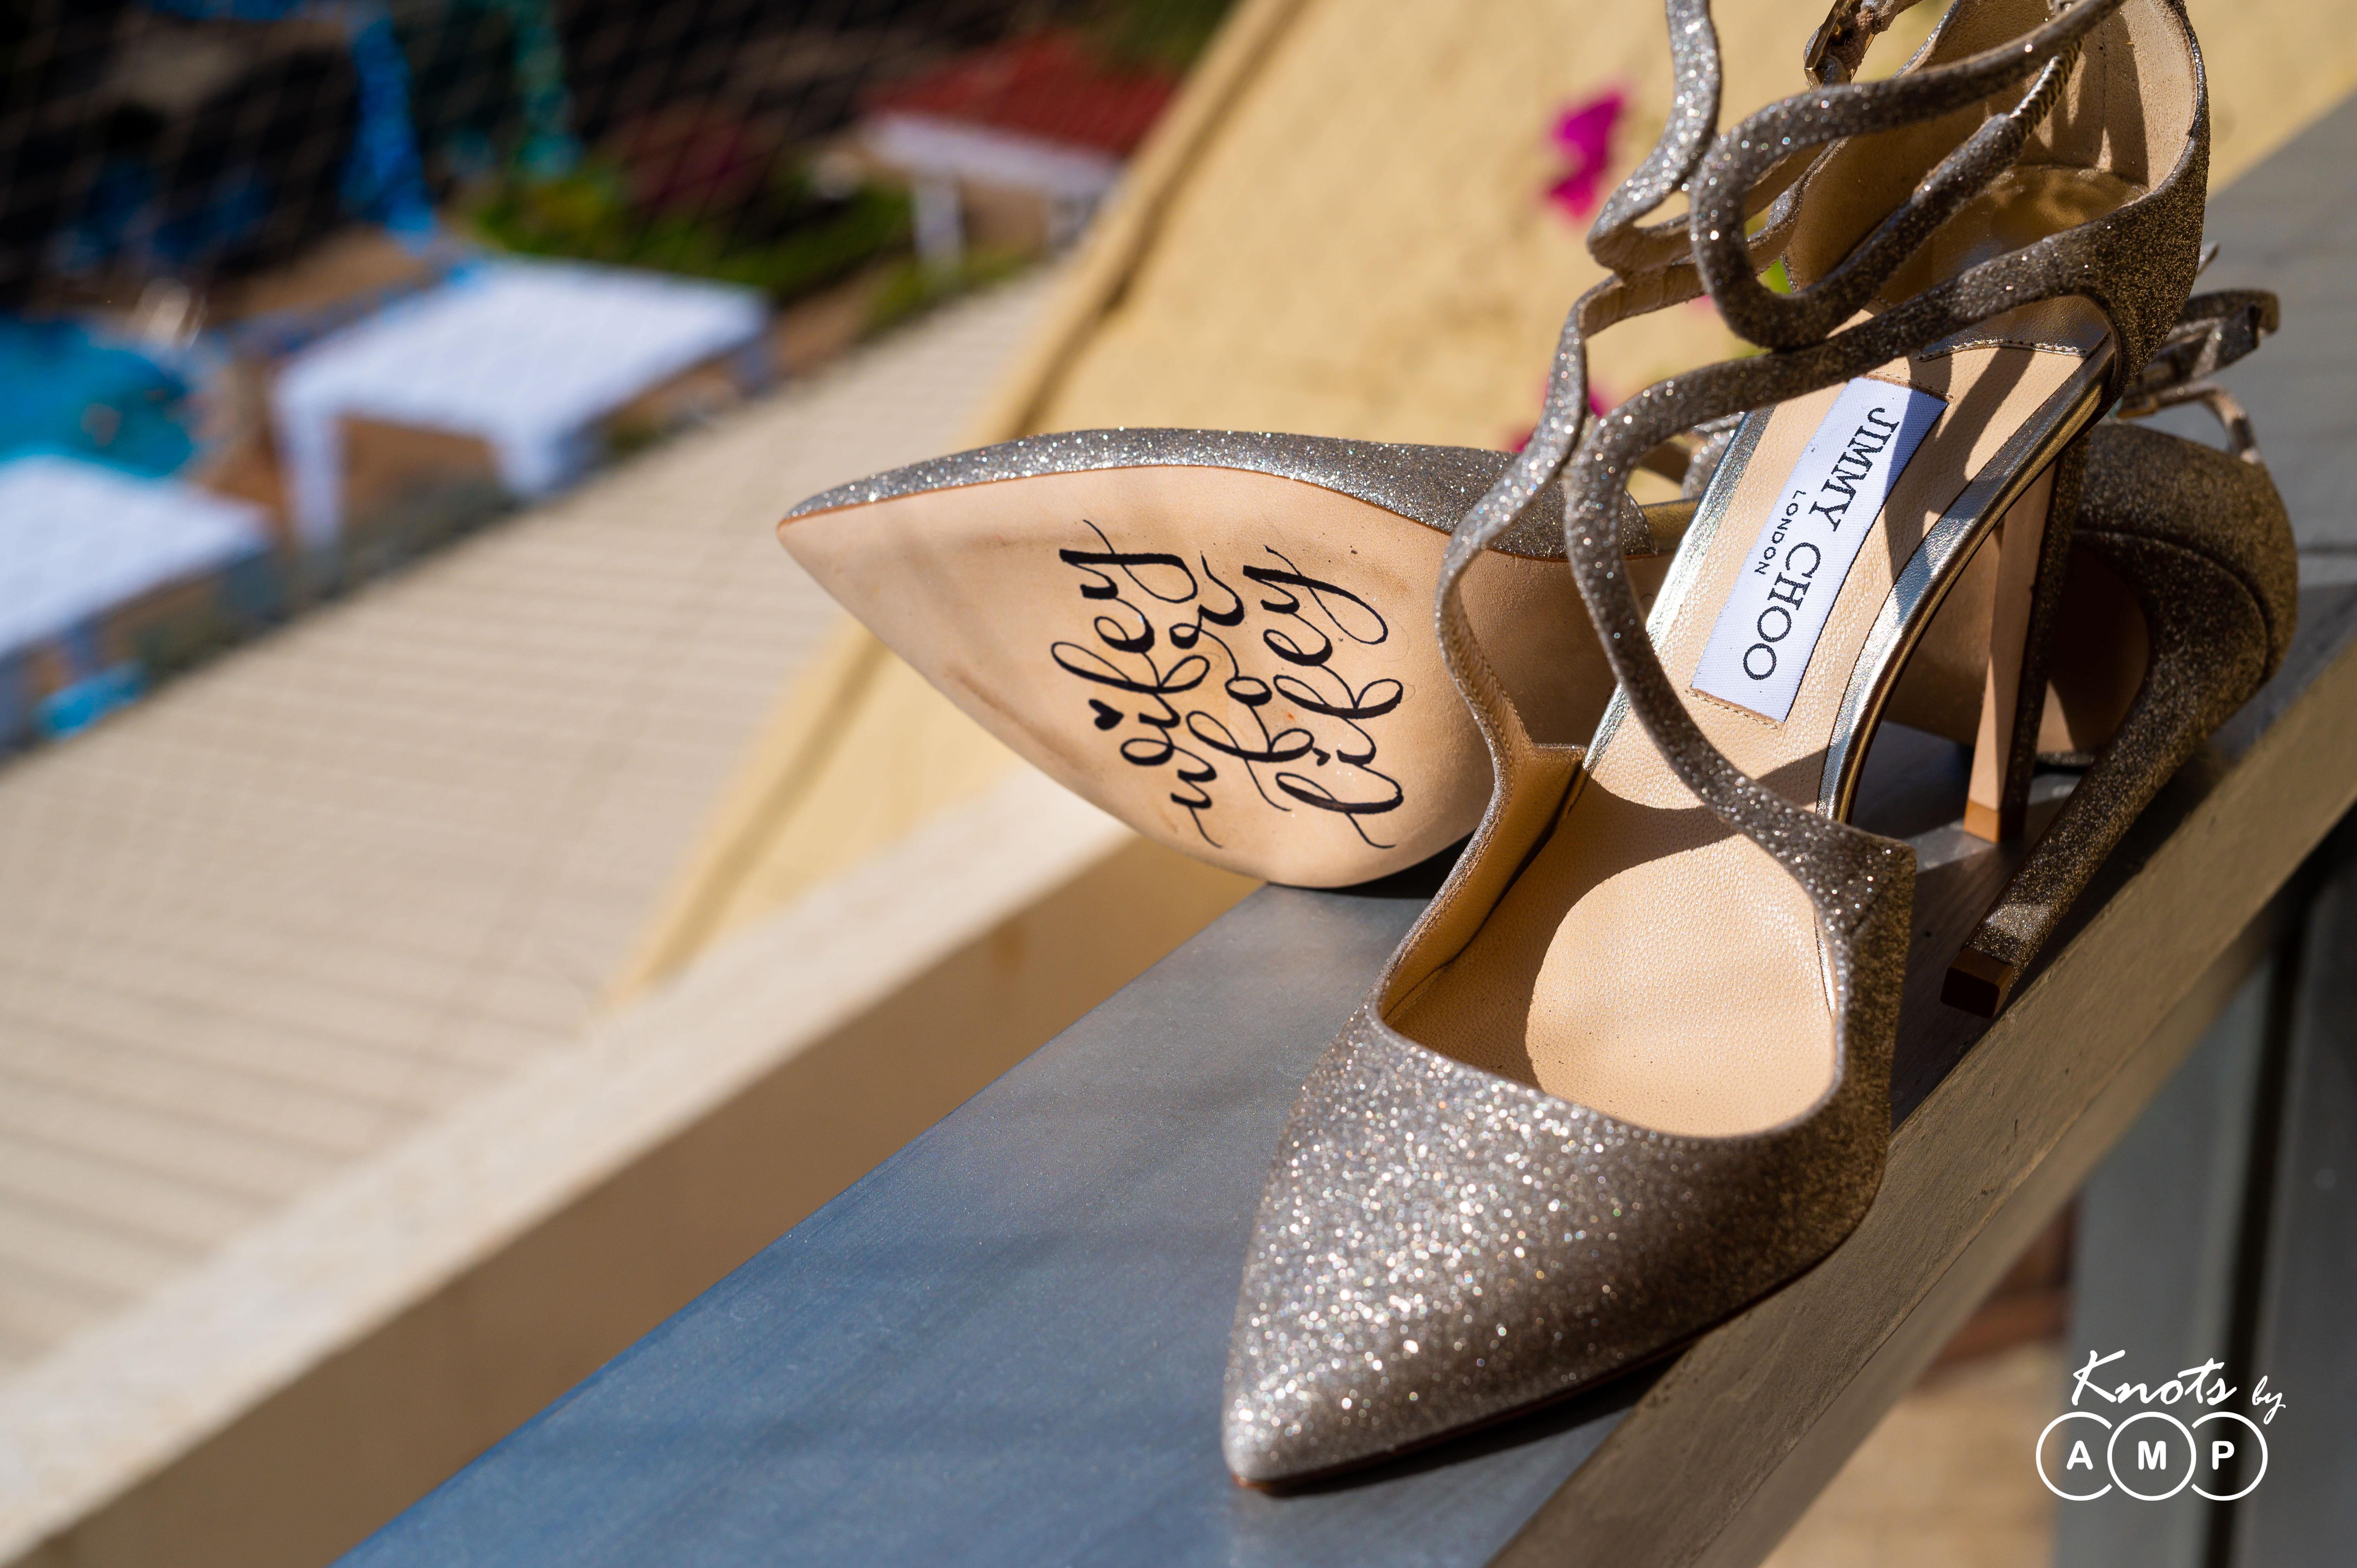 Personalised Jimmy Choo heels